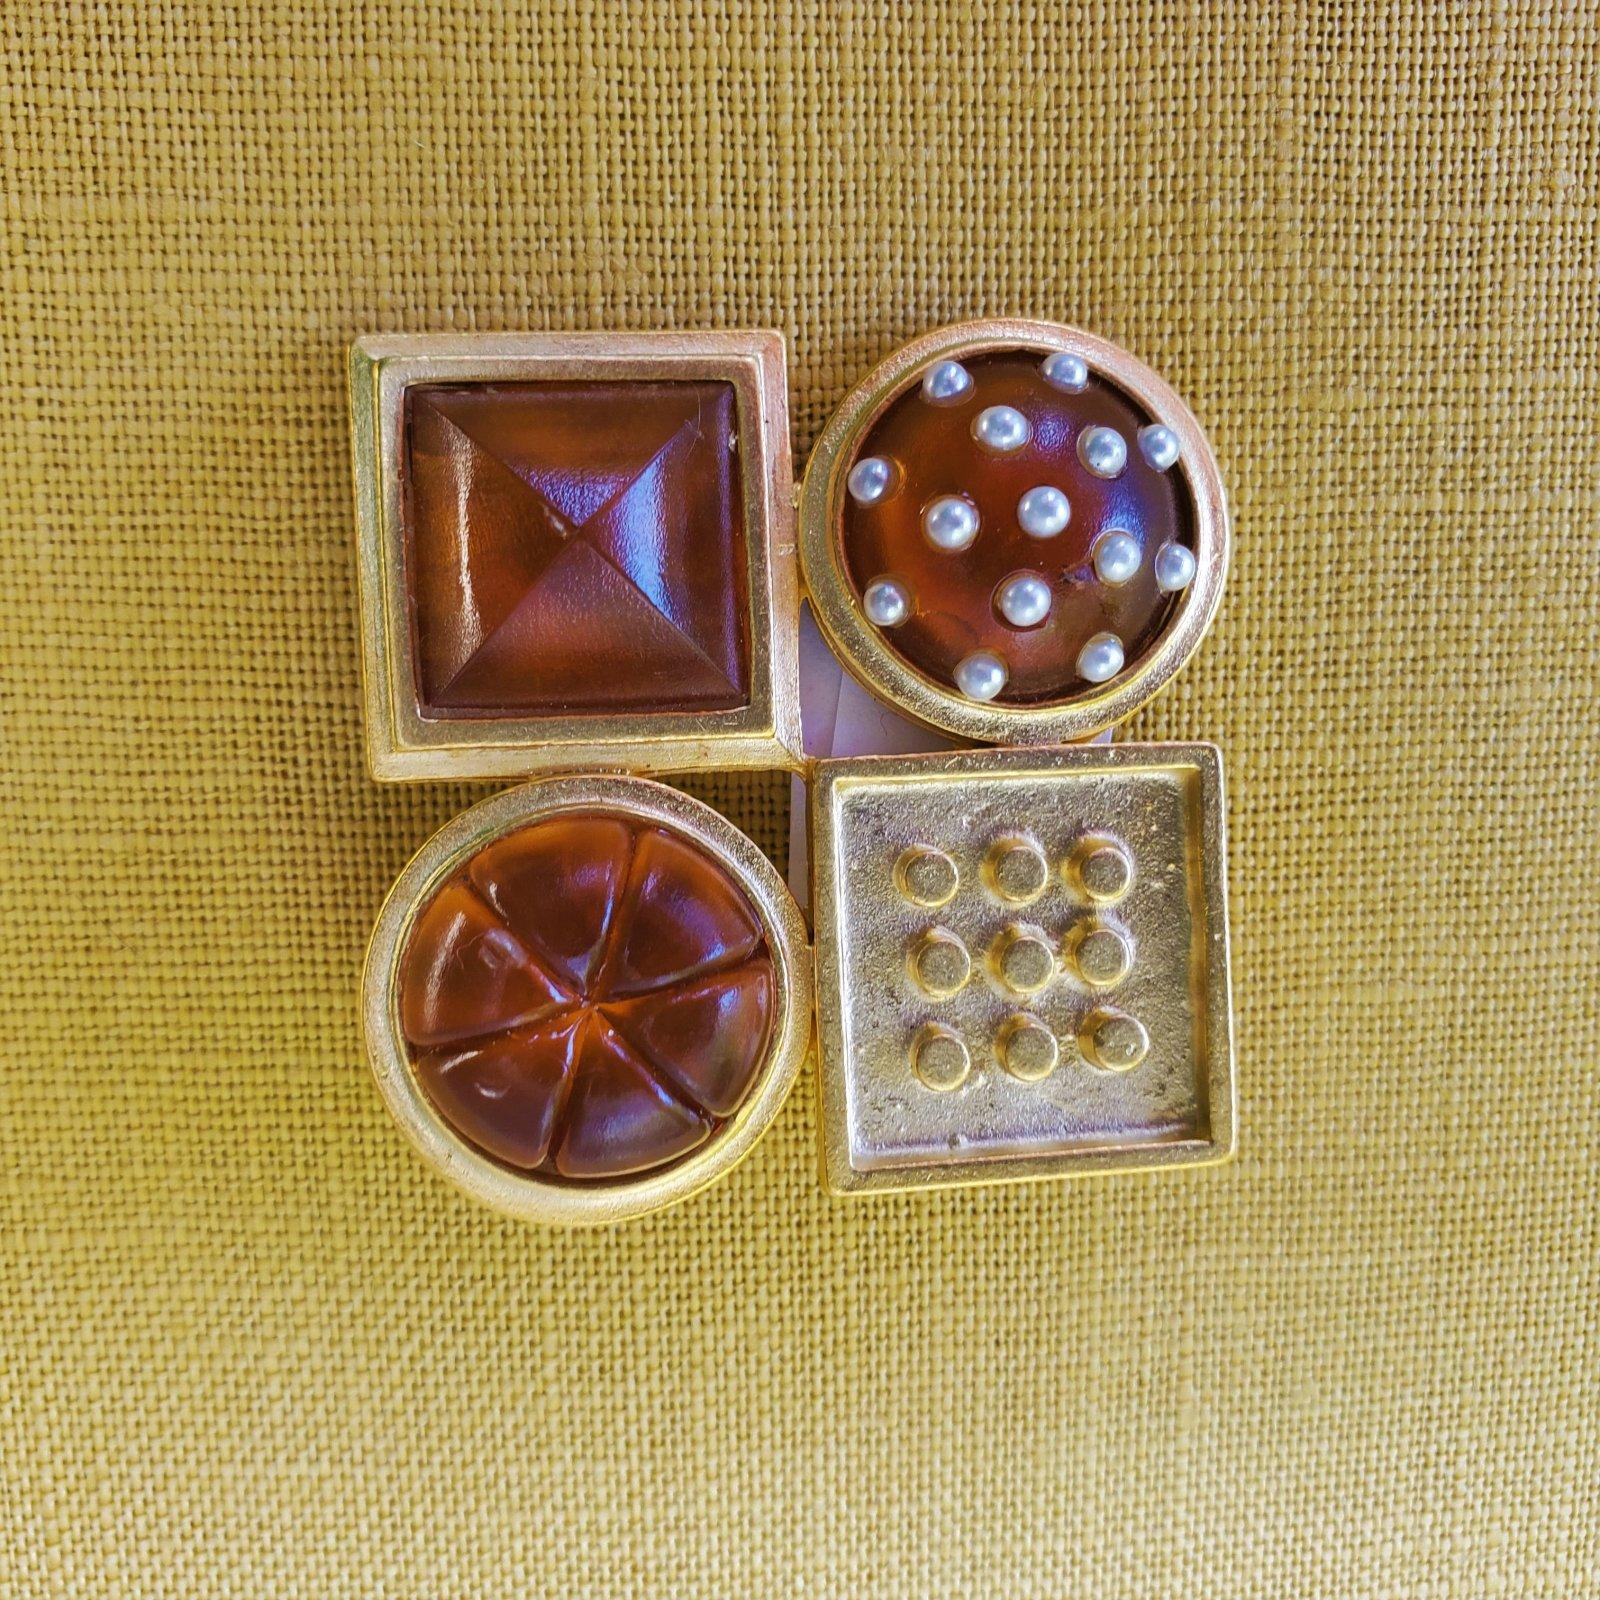 Amber and gold pin by Barbara Cieslicki-NN-010034